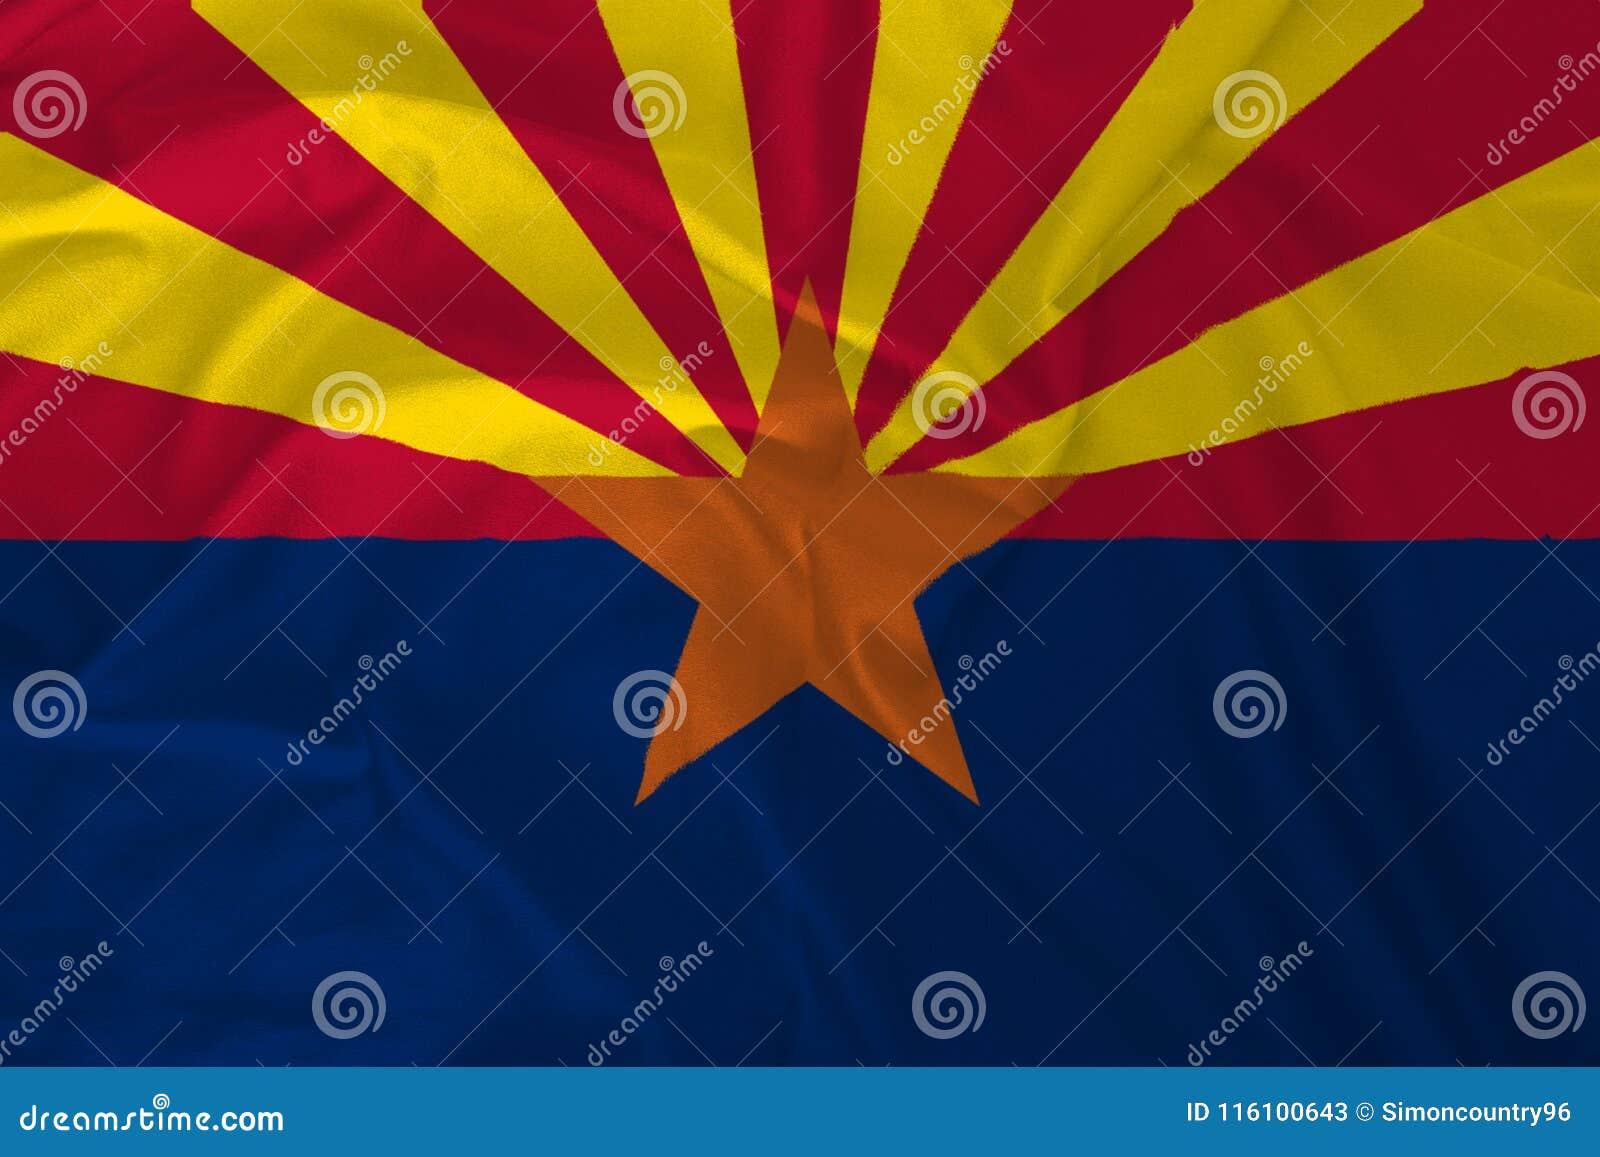 Flagge von Arizona Backgroud, der Grand Canyon -Zustand